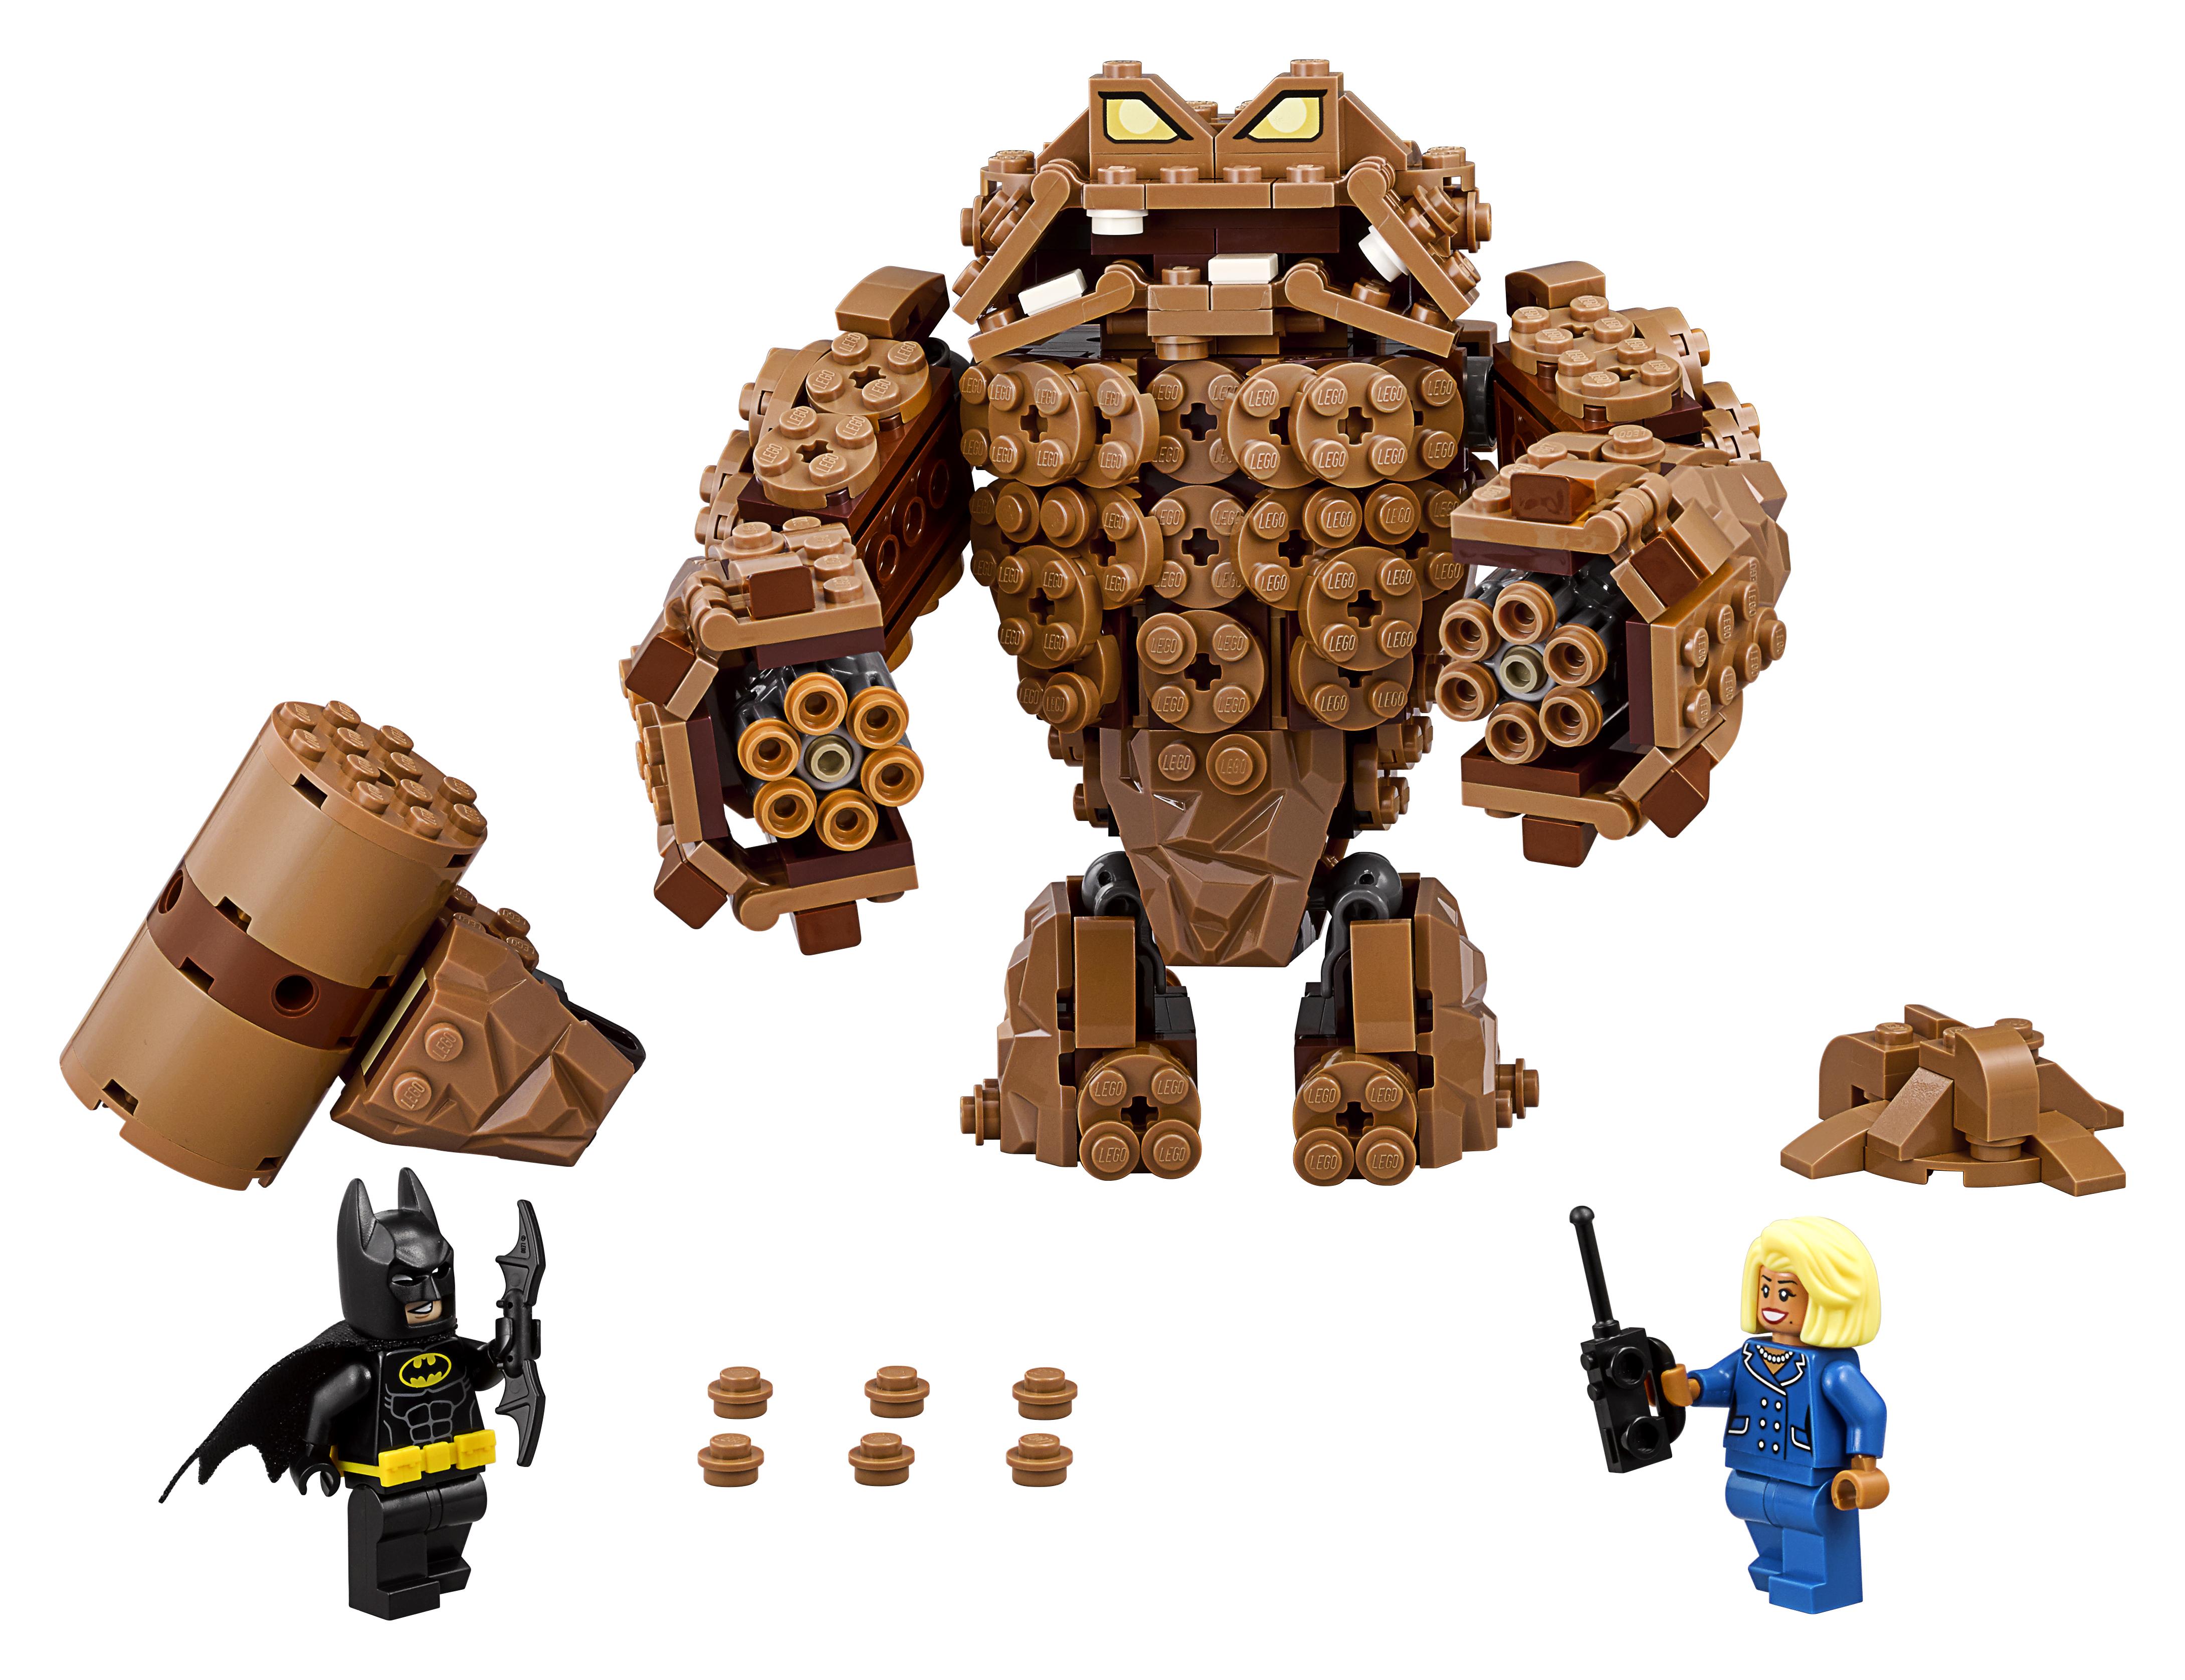 Lego Batman playset